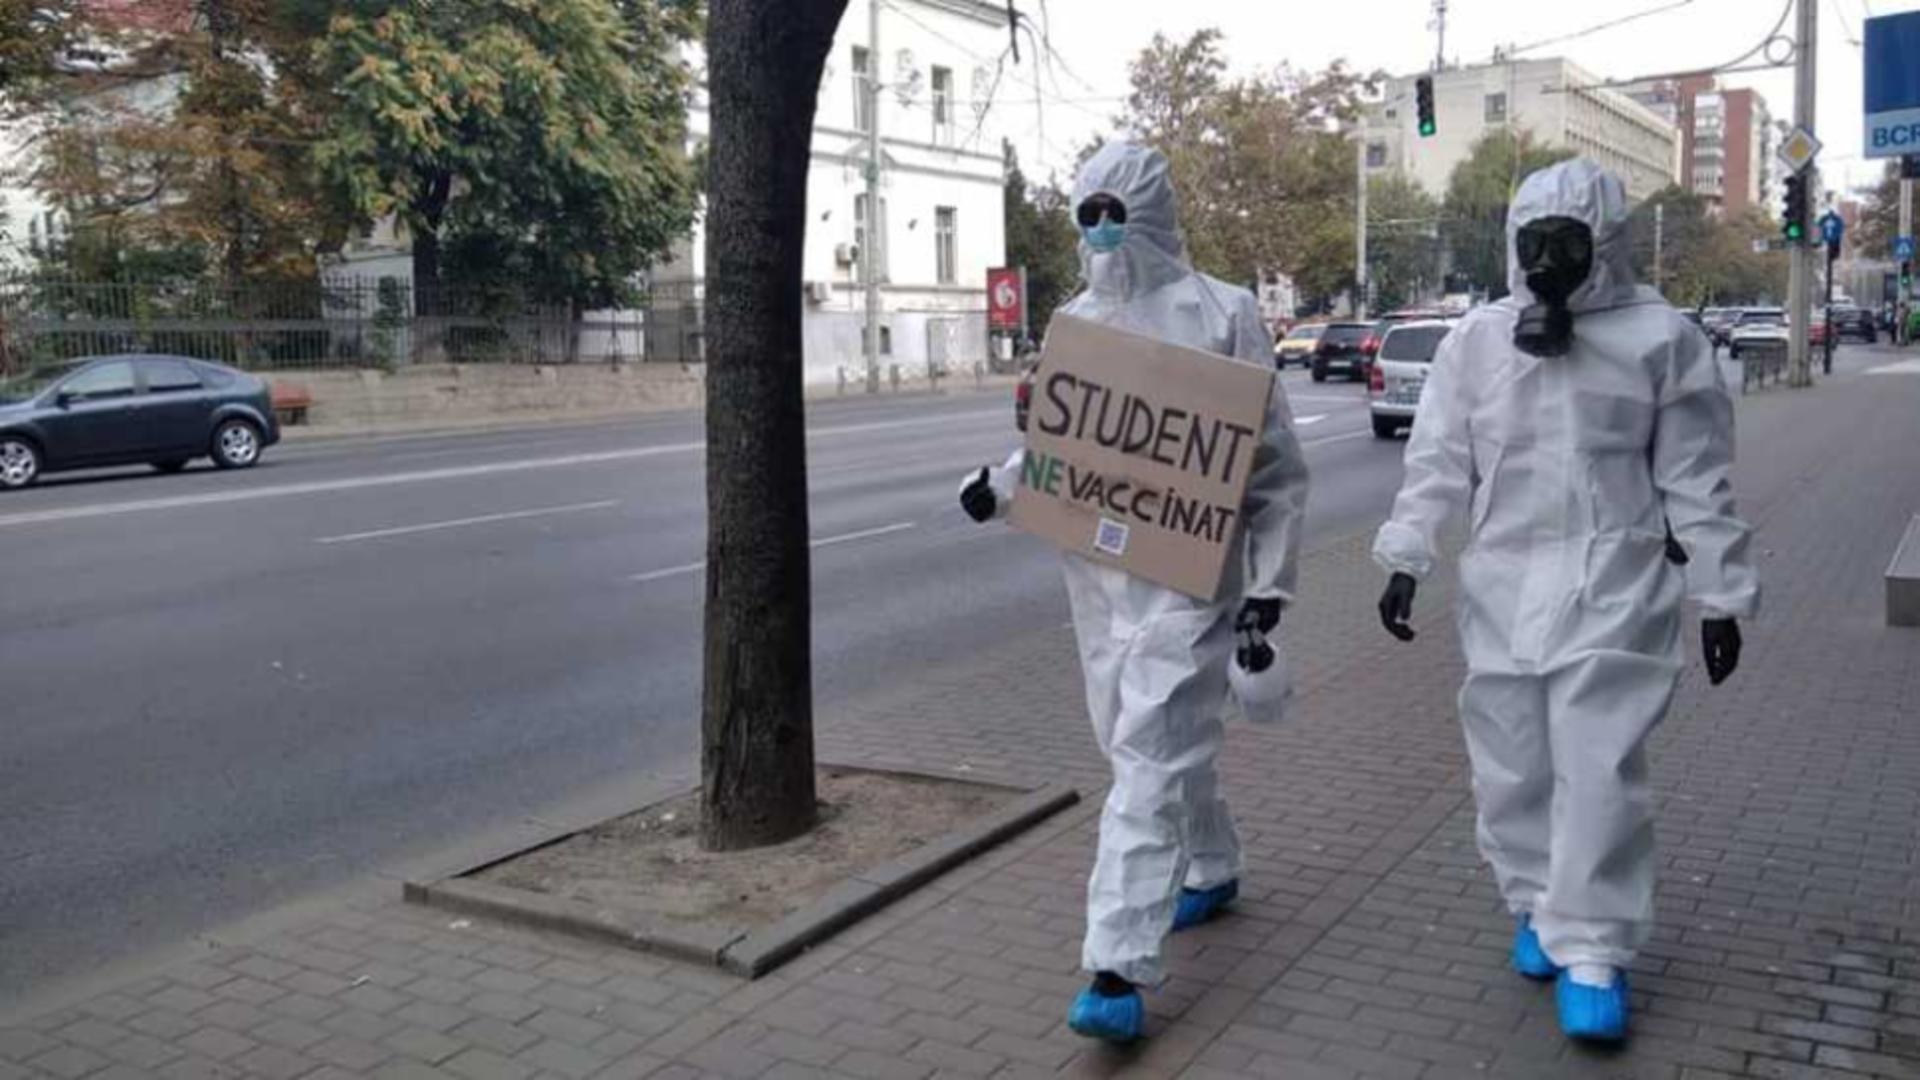 Imaginea MOMENTULUI! Doi studenţi din Iași protestează împotriva vaccinării anti-Covid-19 îmbrăcați în combinezoane